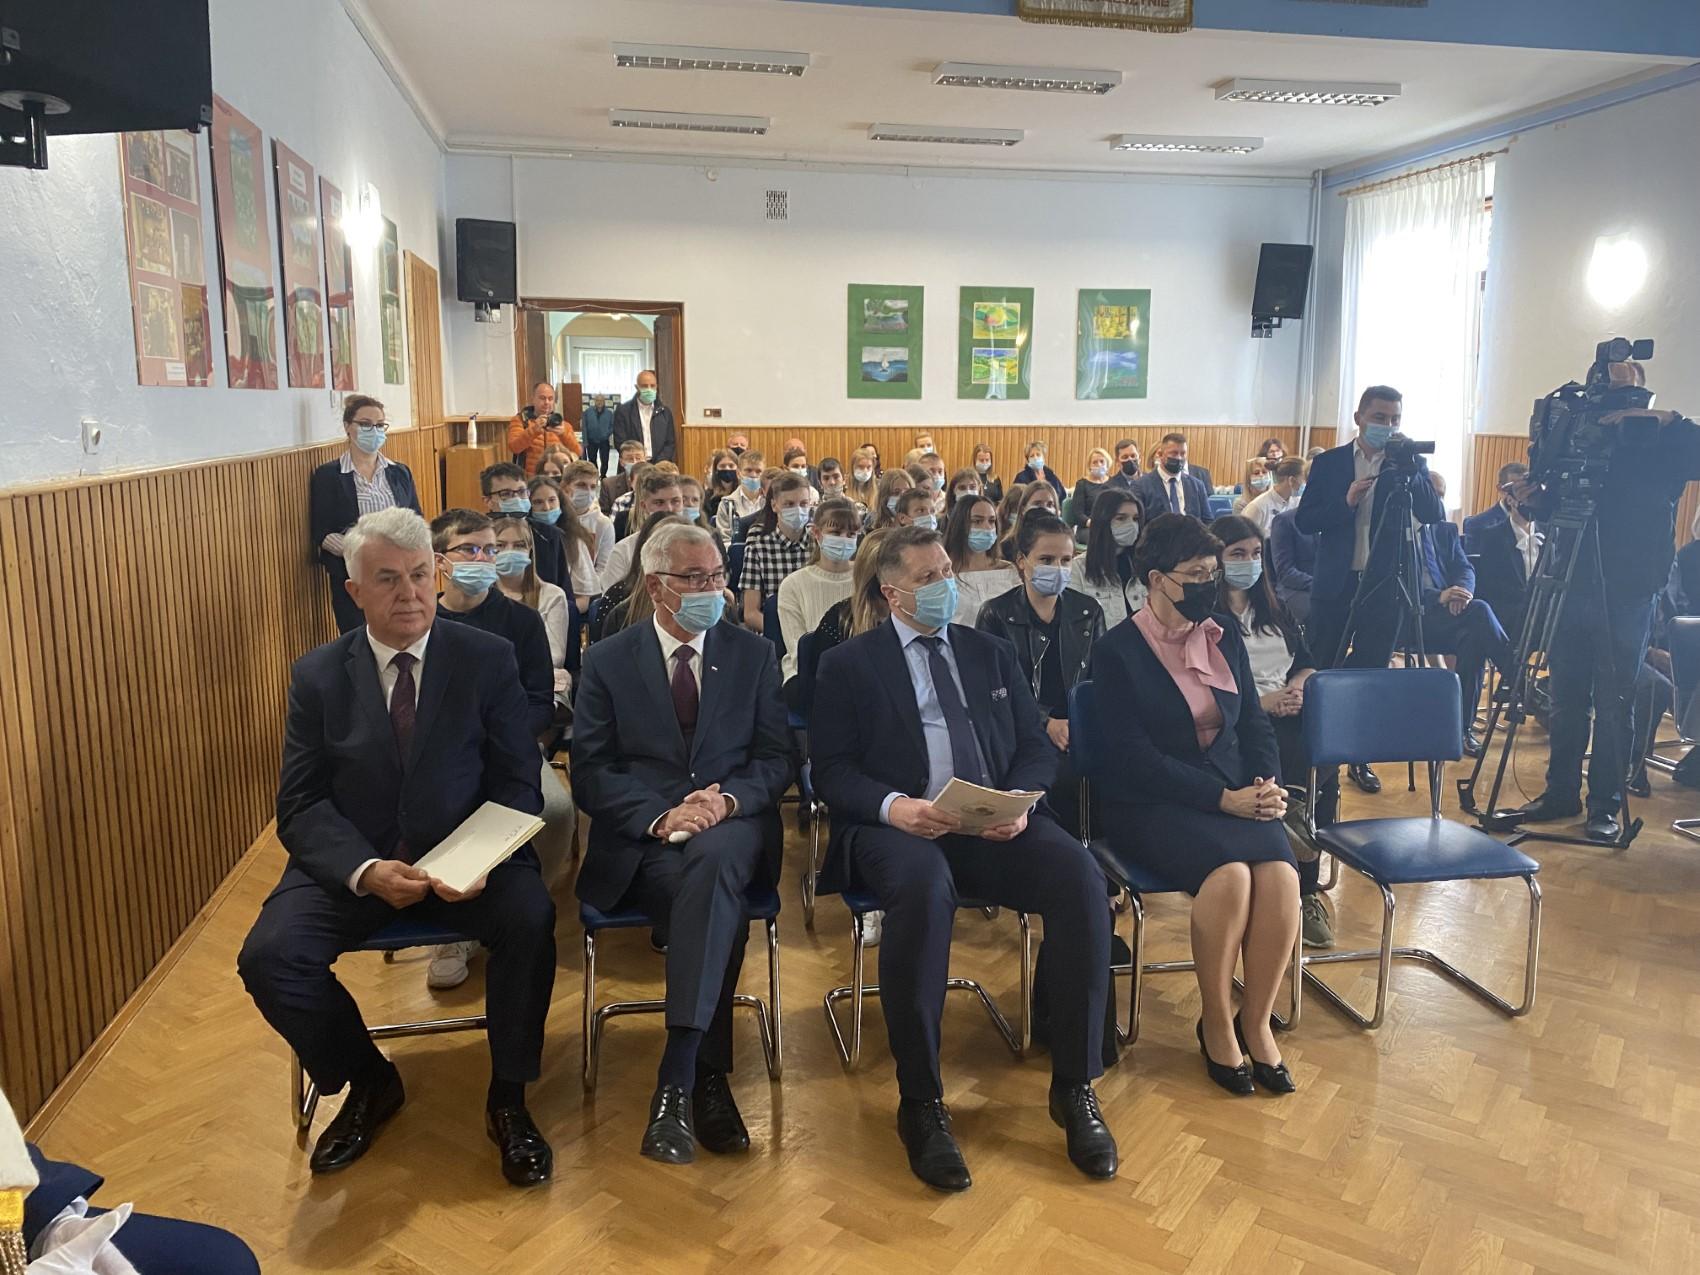 01 Wizyta ministra Przemysława Czarnka w Branżowej Szkole w Szczebrzeszynie